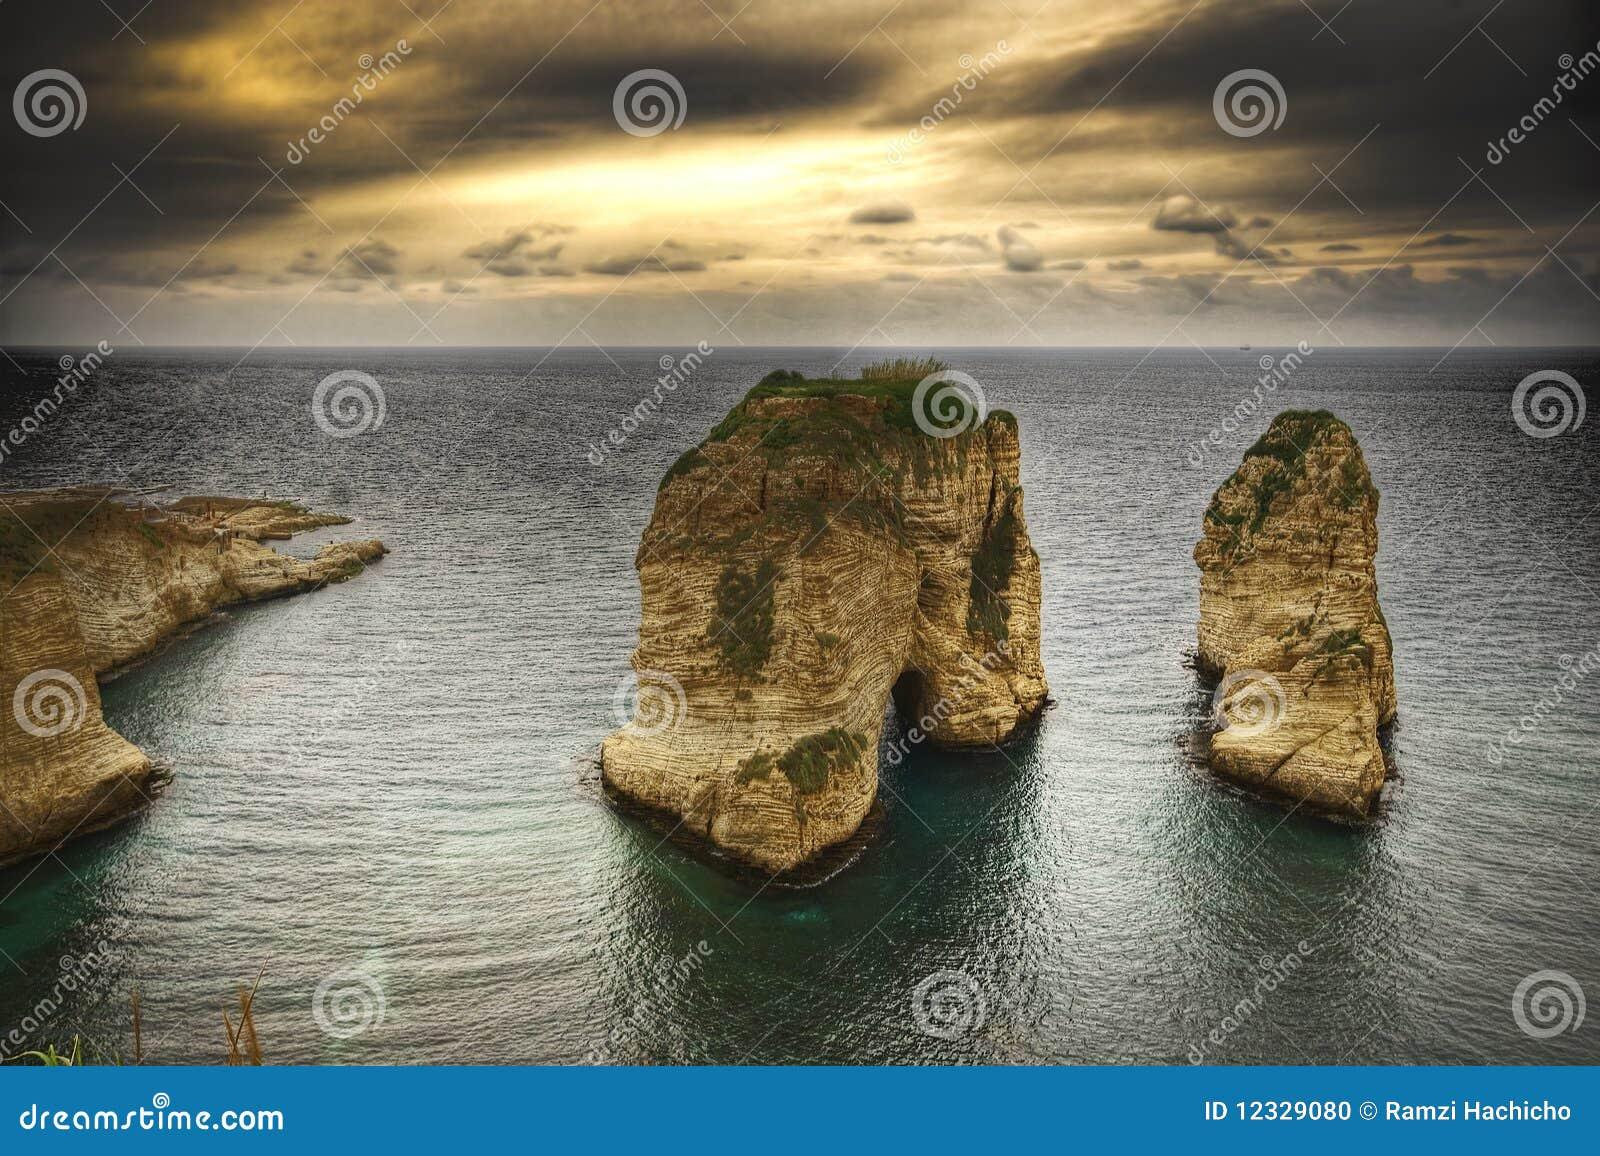 Pigeon Rocks, Beirut- Lebanon